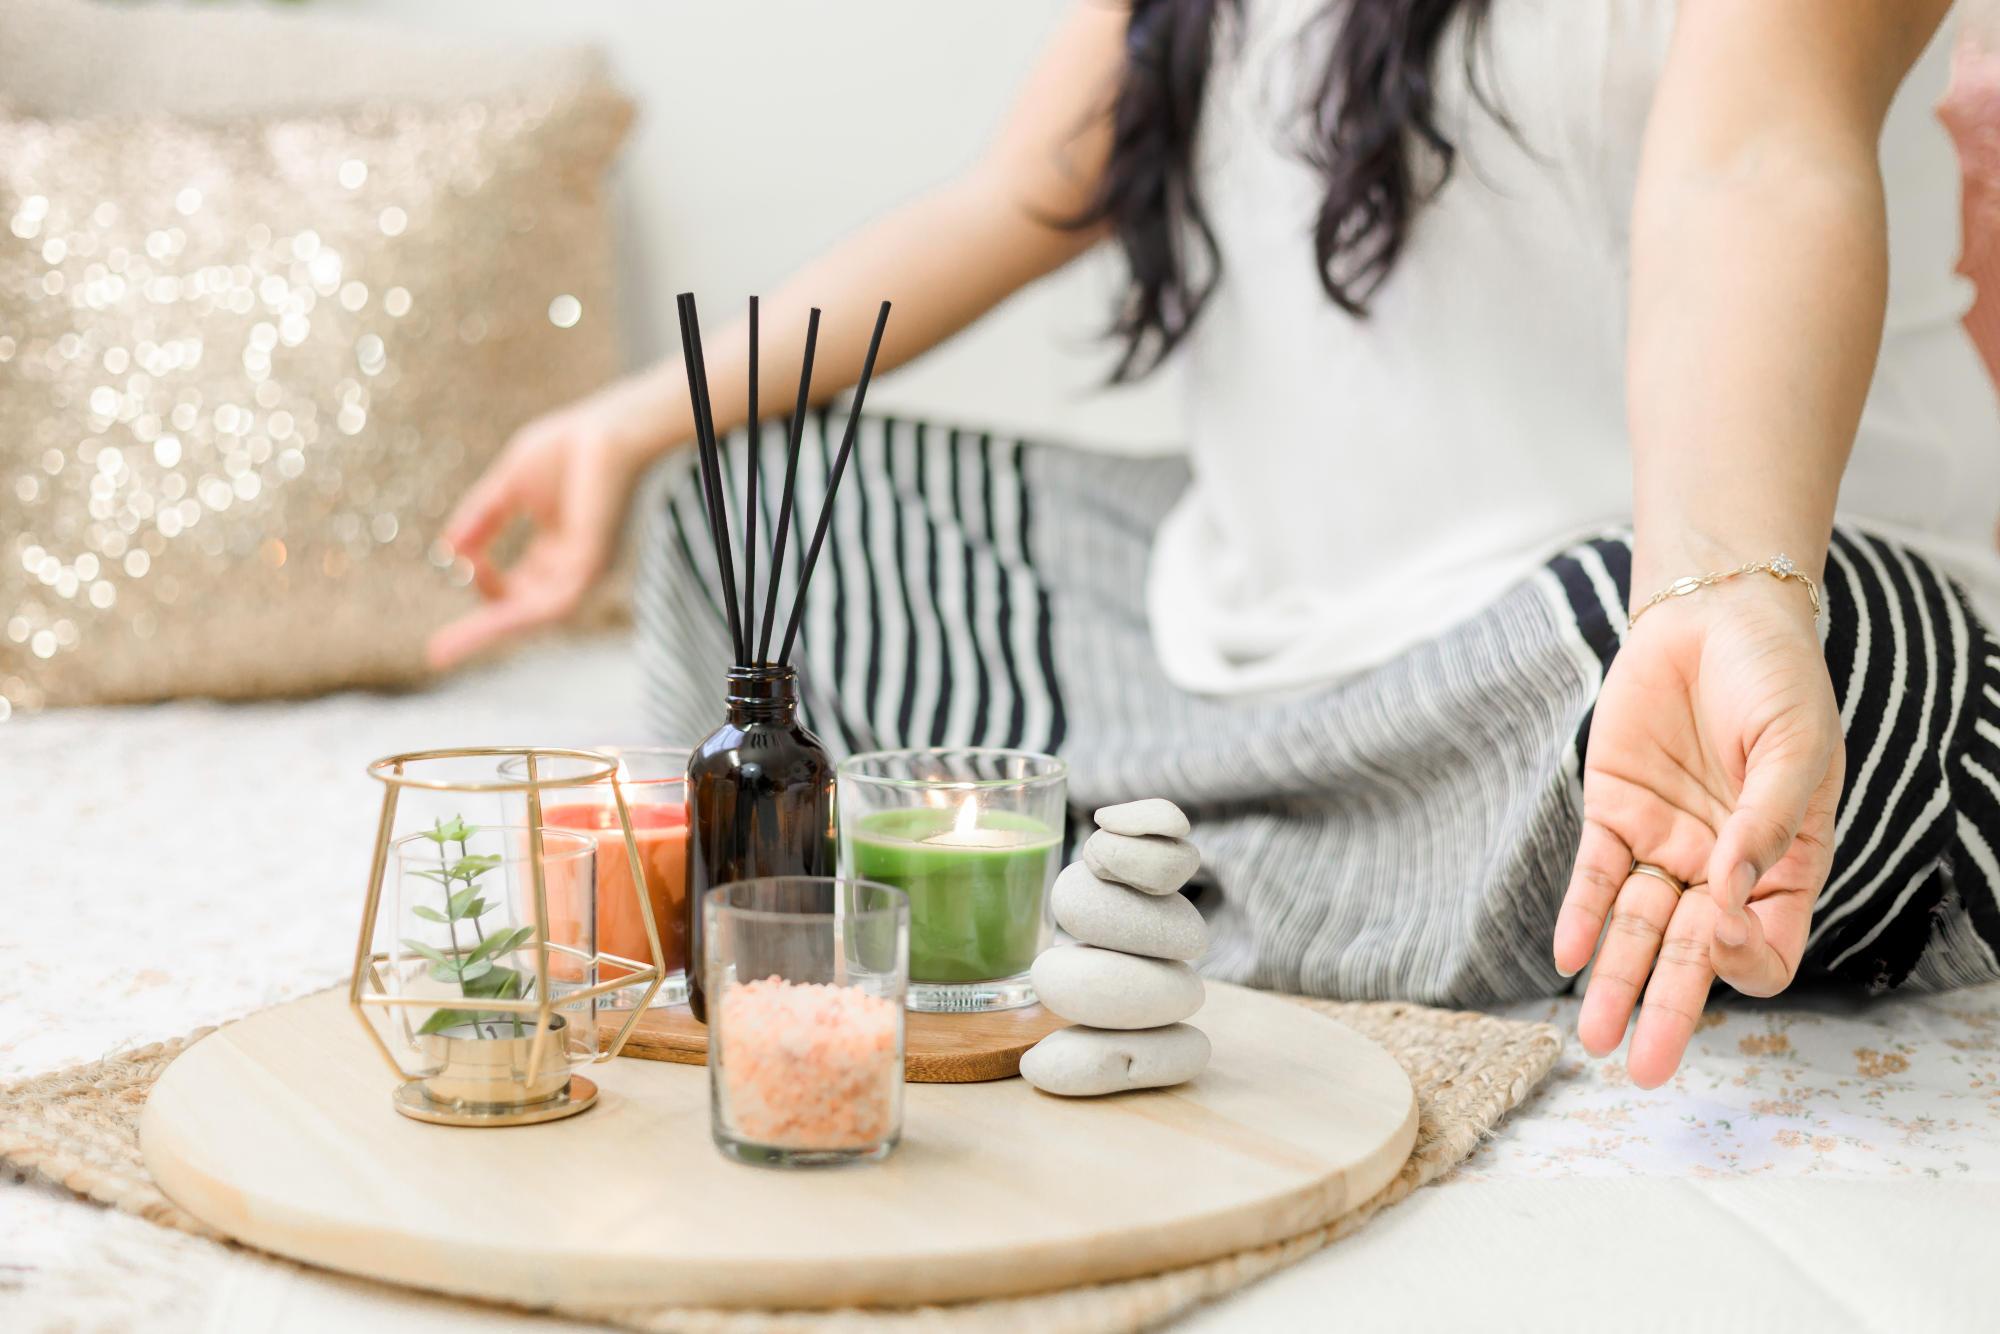 Meditation items